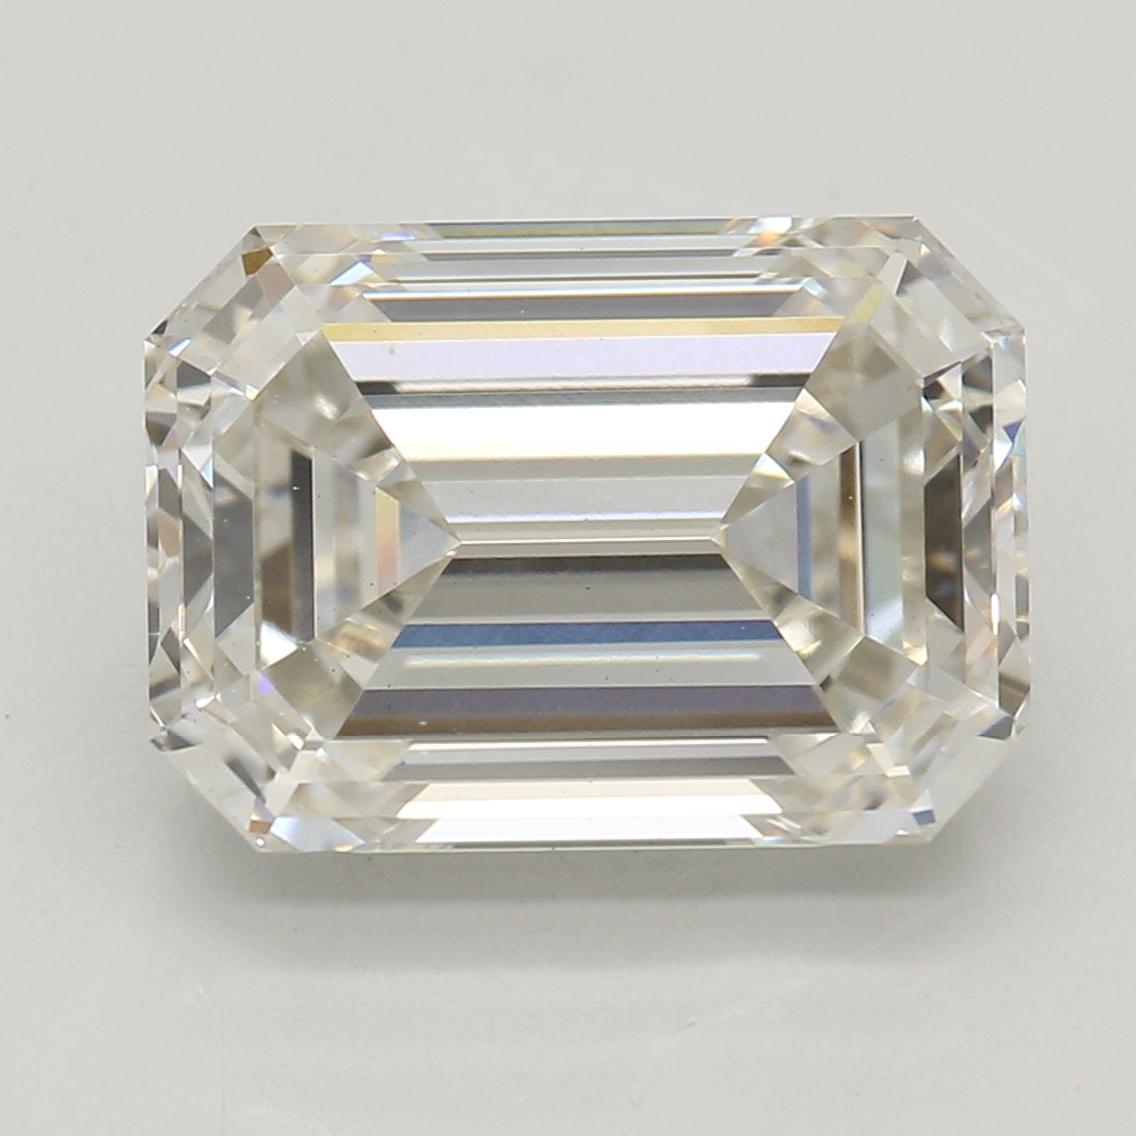 Emerald Cut 3.05 Carat J Color Vs1 Clarity Sku Lg52733184